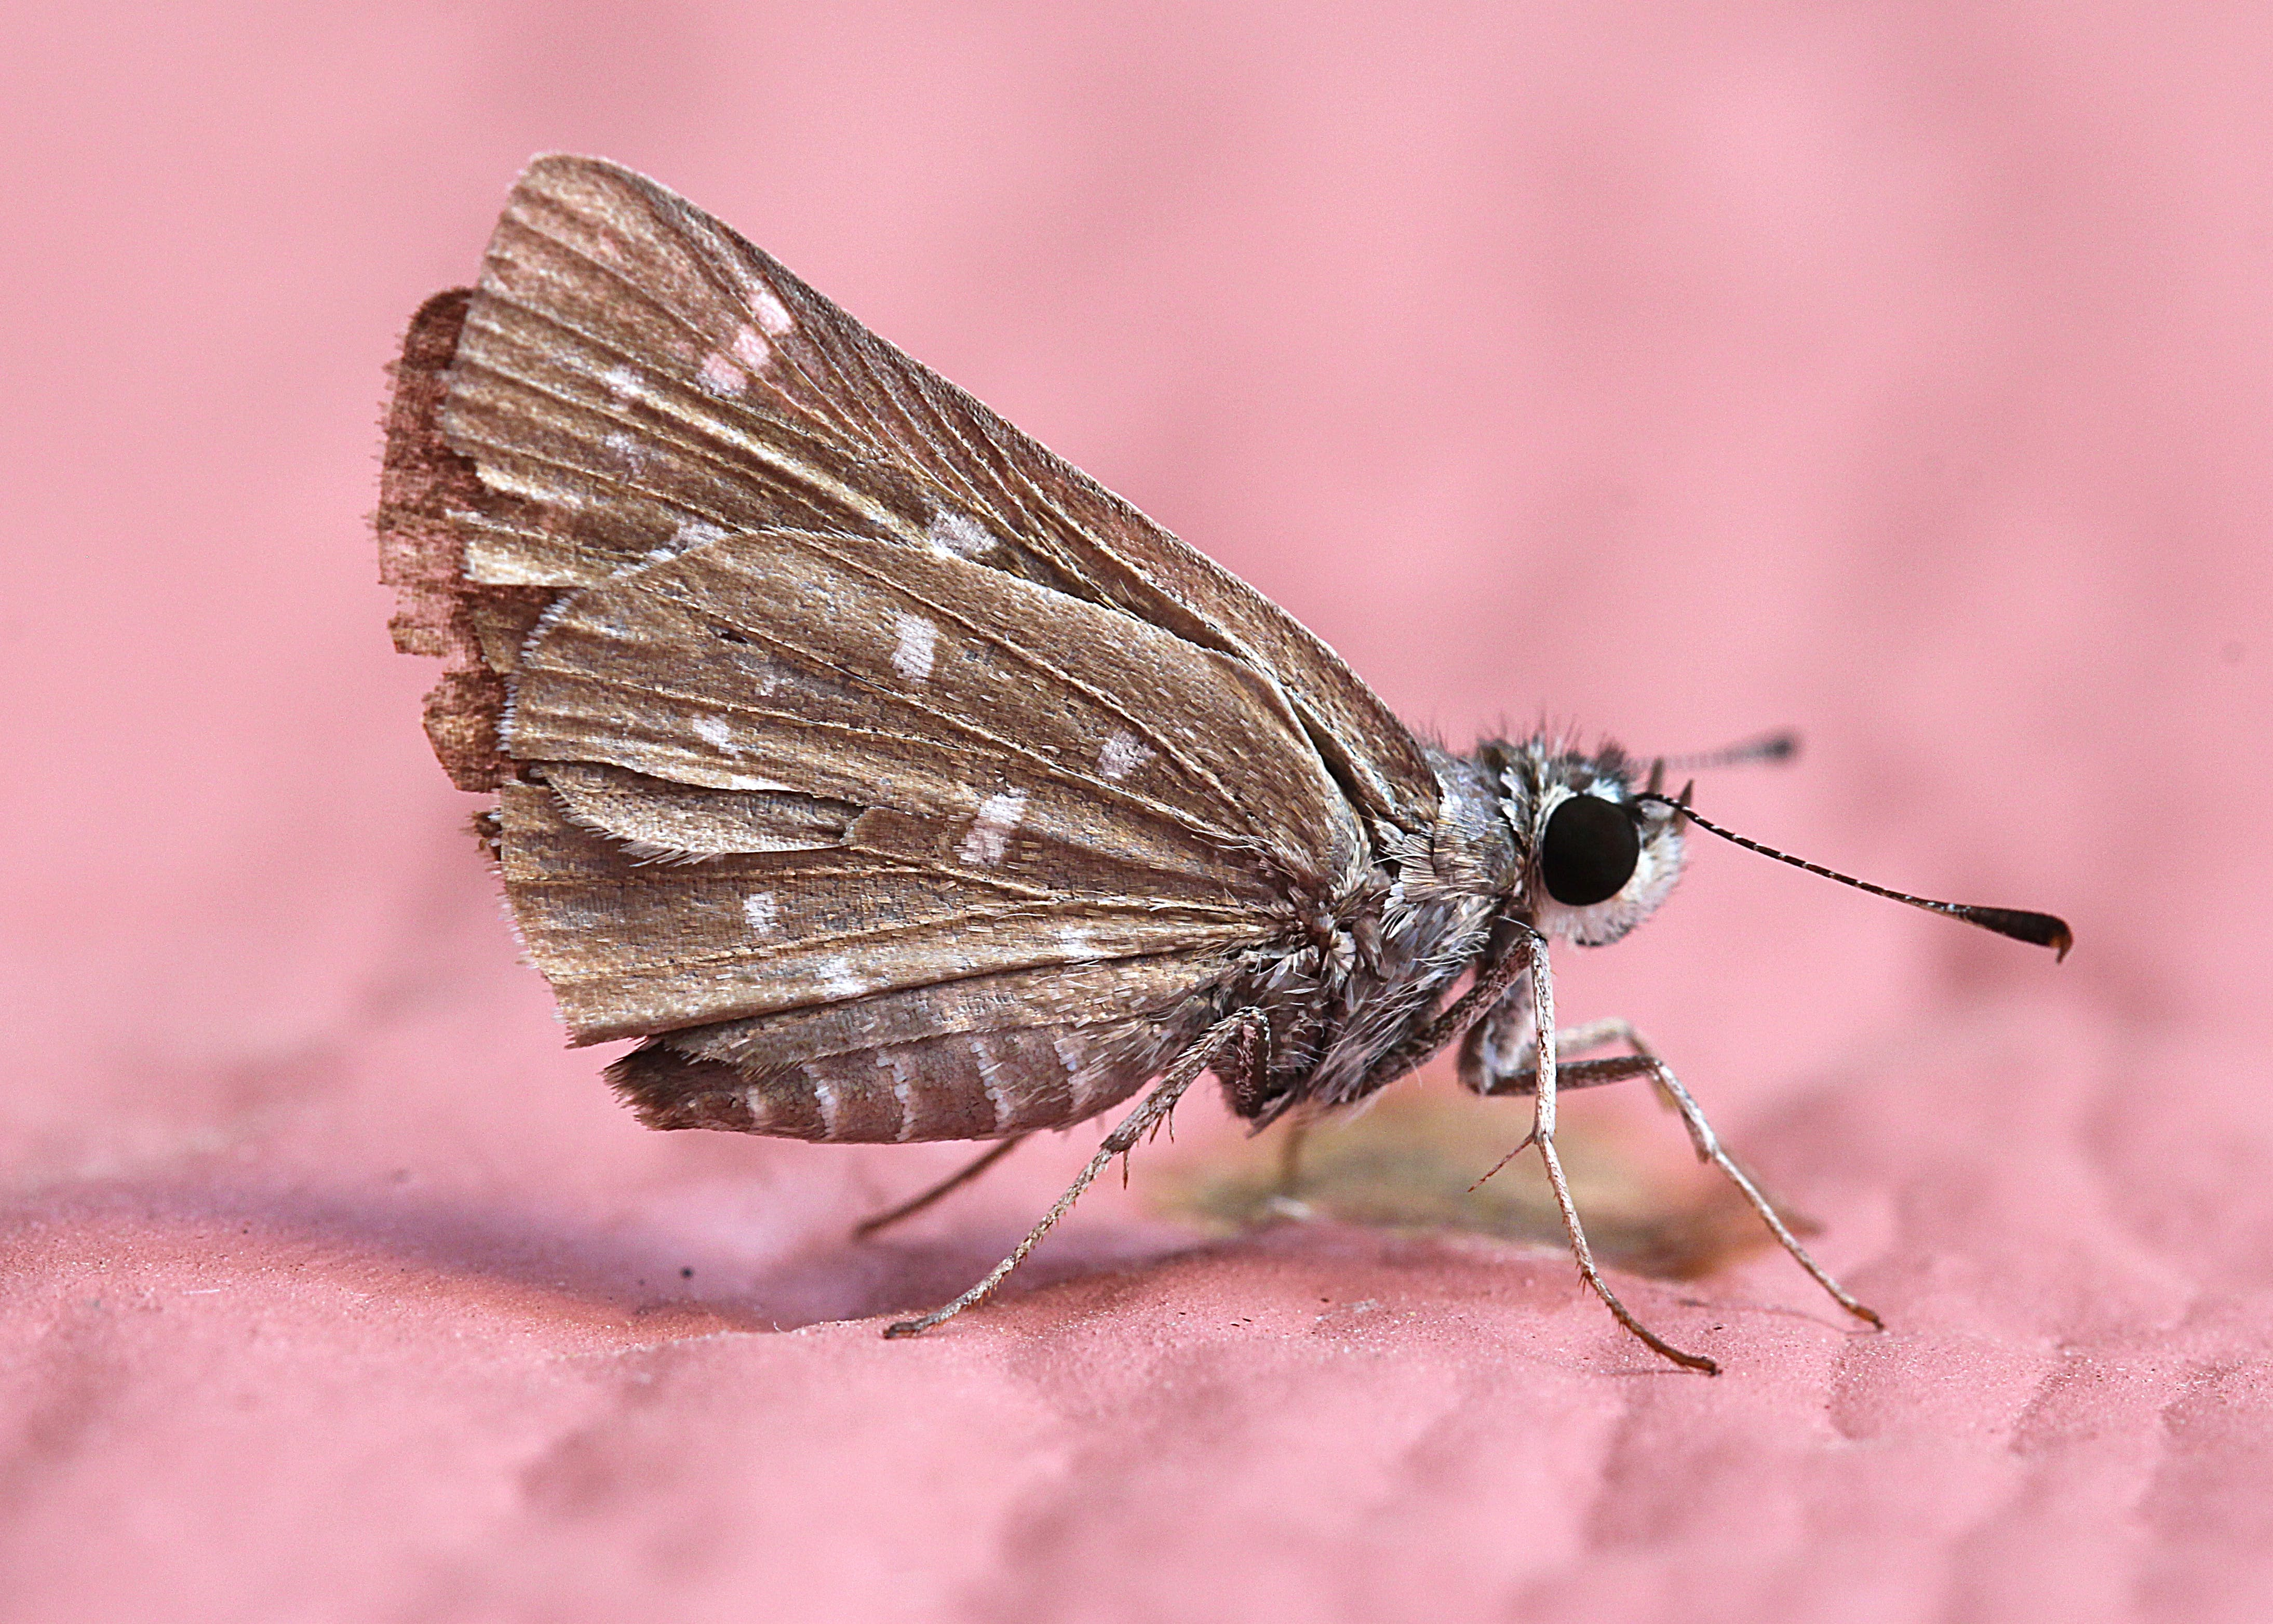 곤충, 나방, 나비, 작은의 무료 스톡 사진